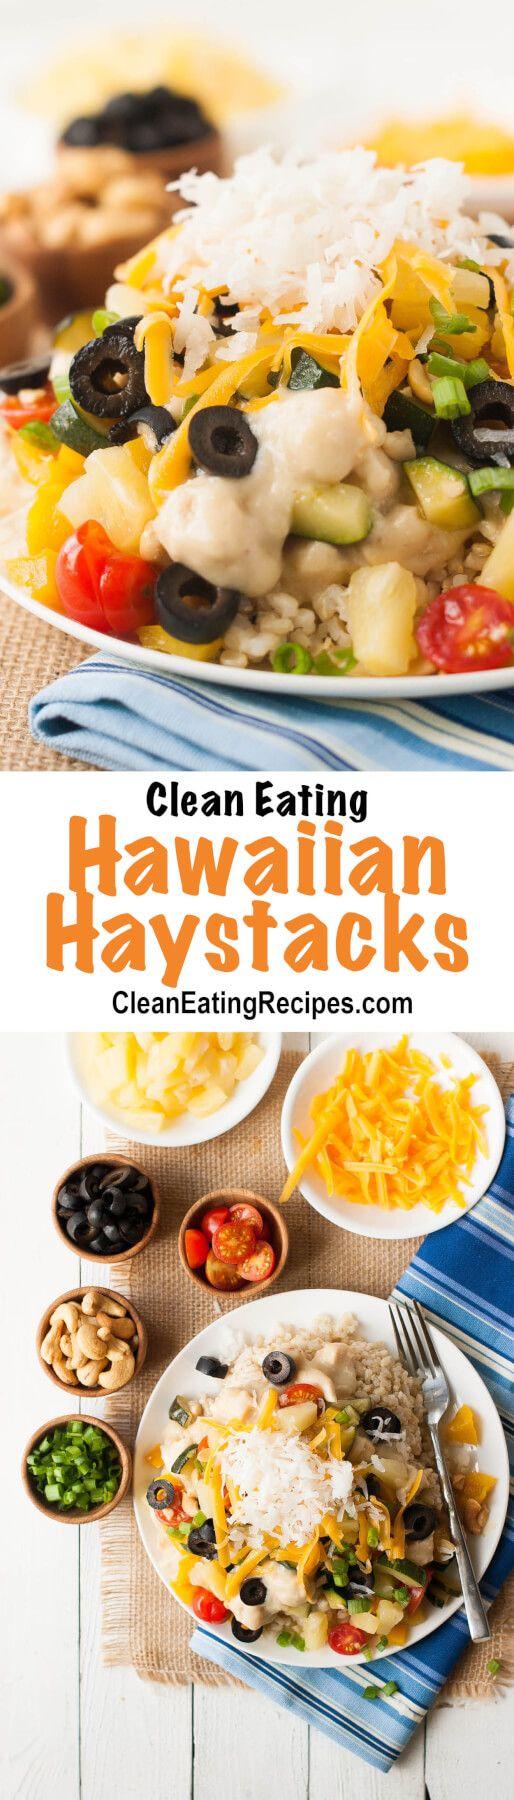 Clean Eating Hawaiian Haystacks